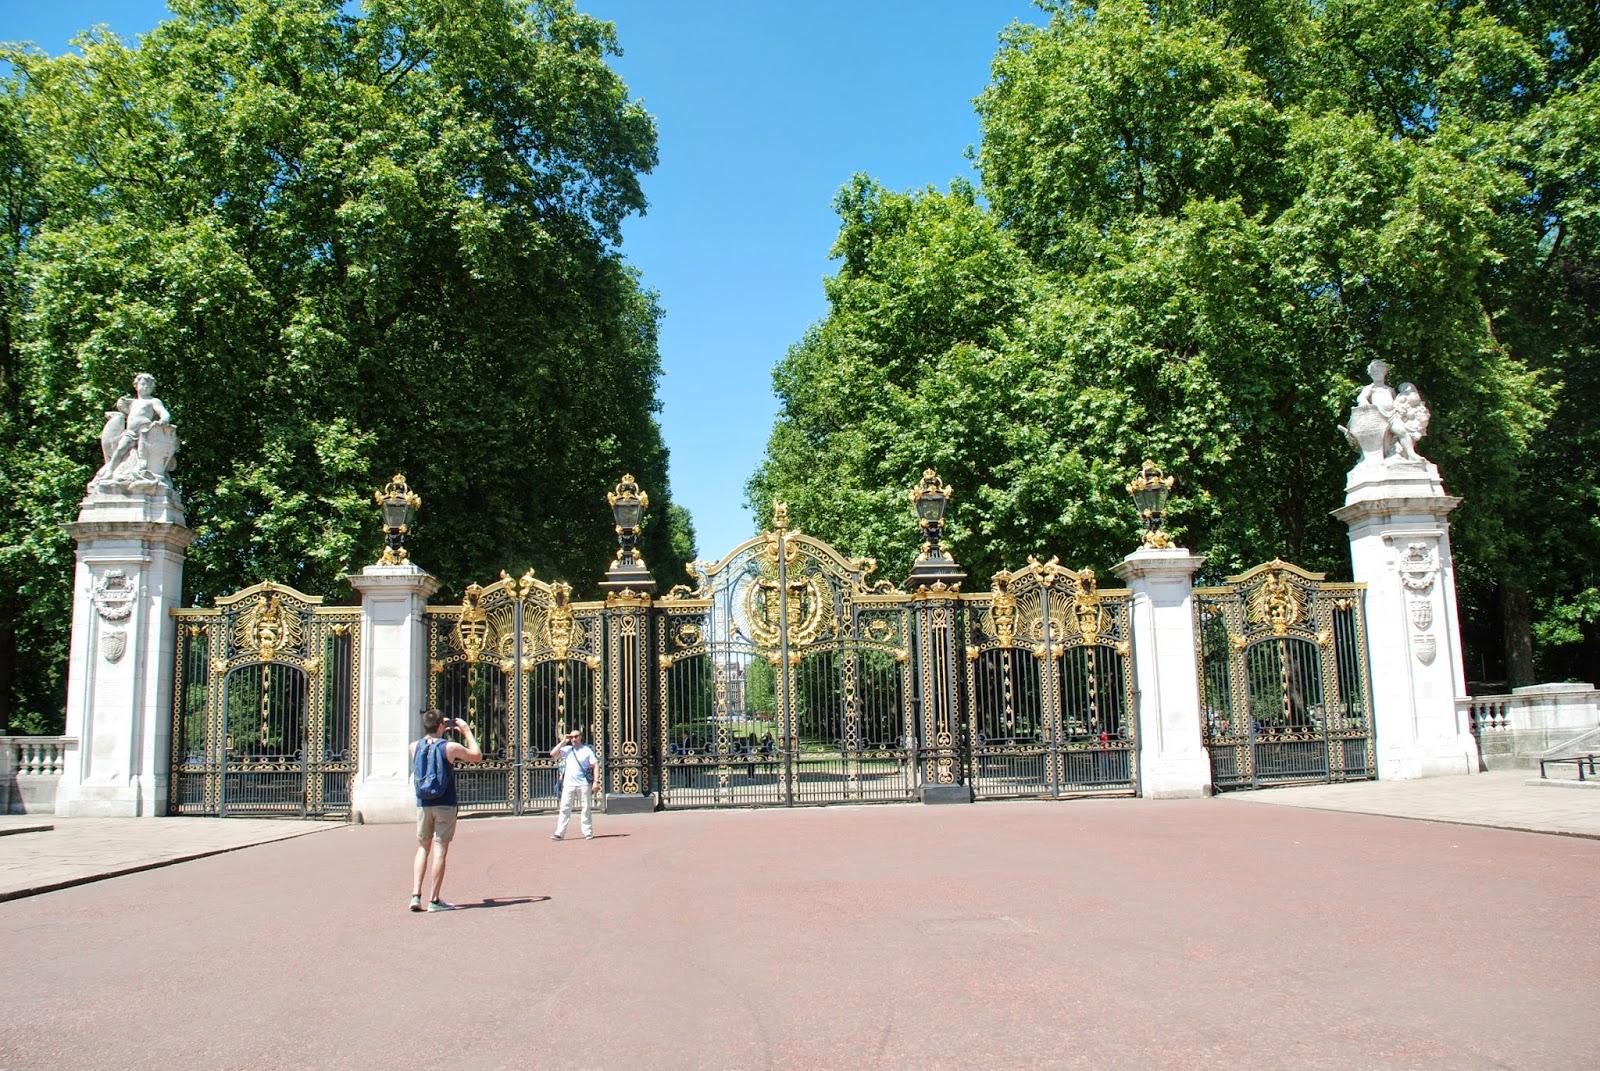 Canada Gate, London